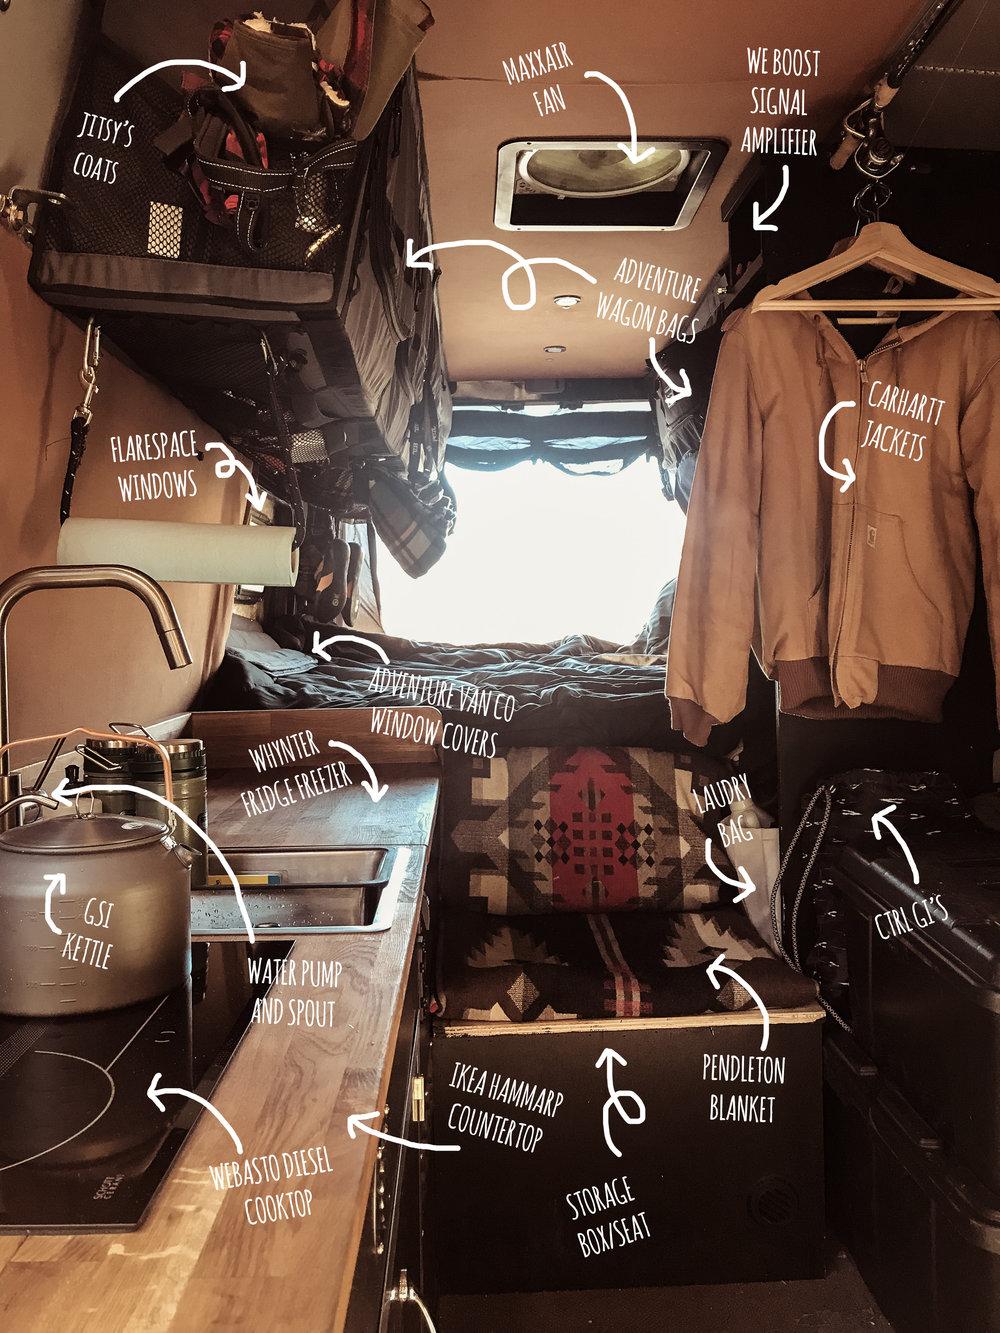 inside van B.jpg